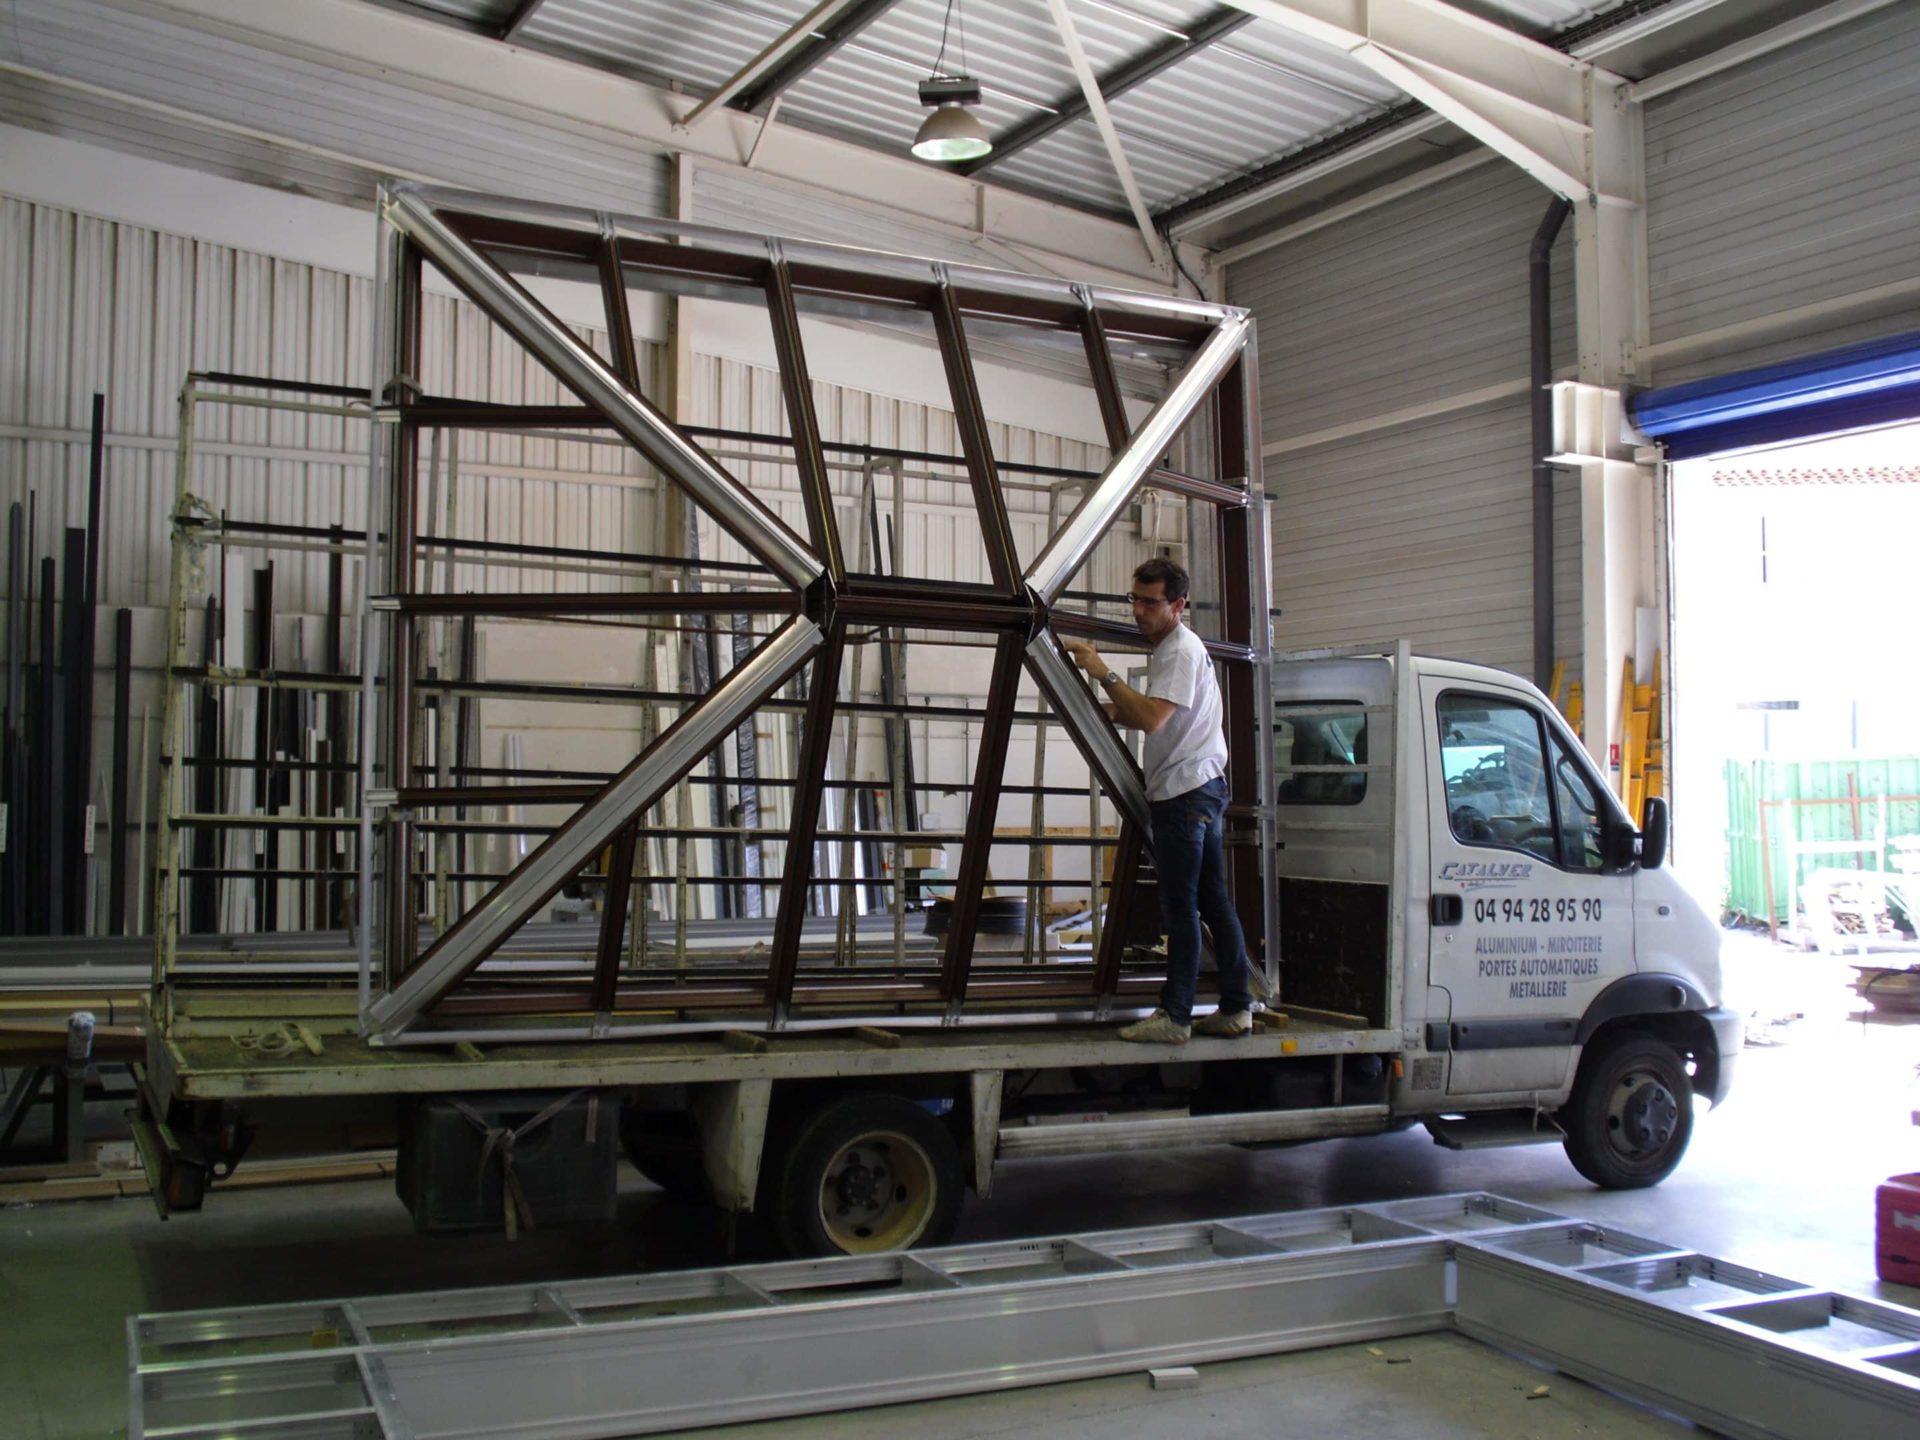 chargement d'une verrière en aluminium sur mesure var